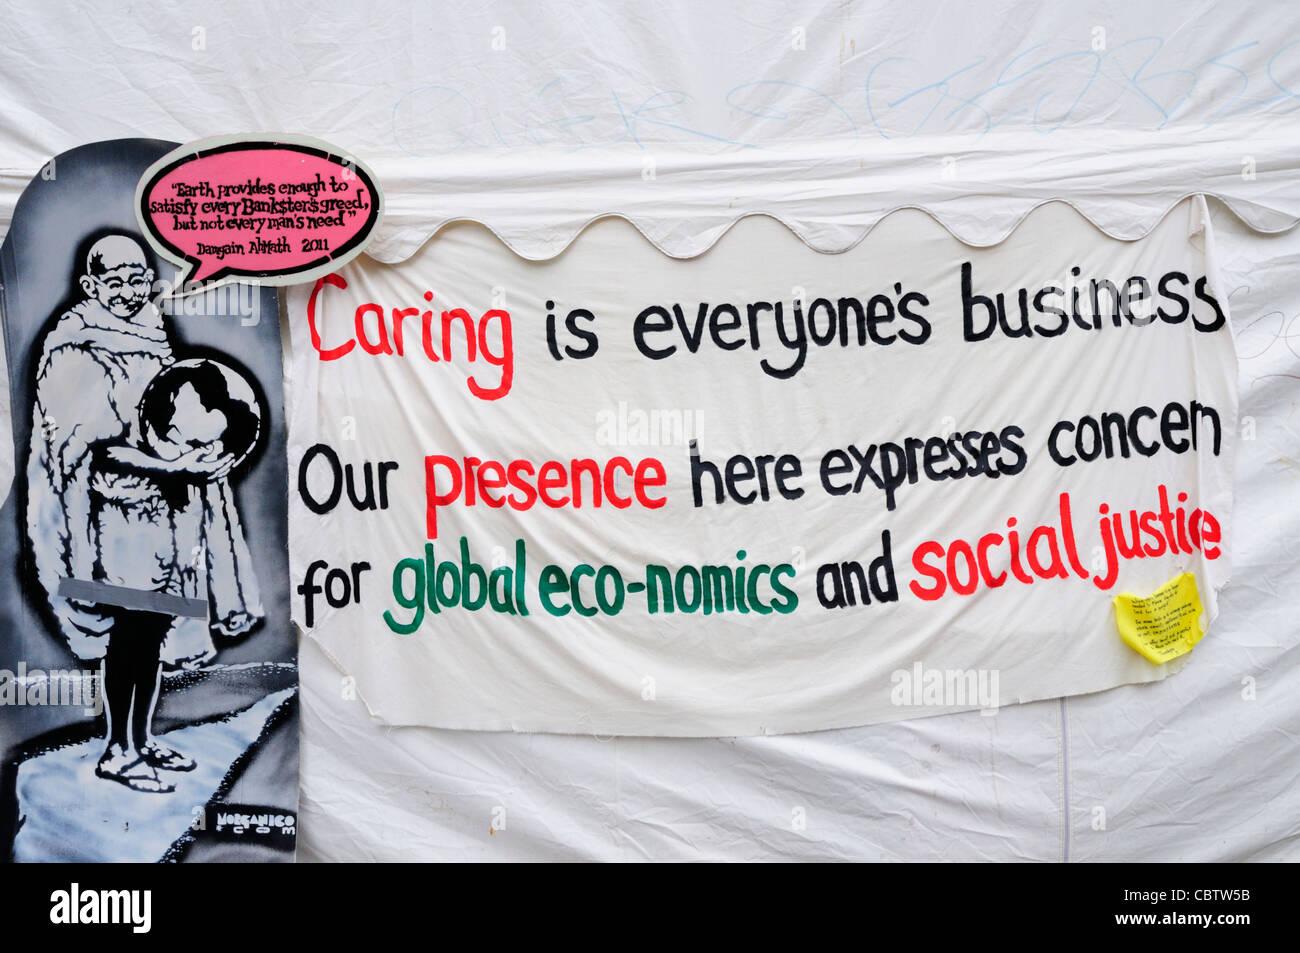 Bannière sur la tente d'information à l'extérieur de protestation contre le capitalisme demo Photo Stock